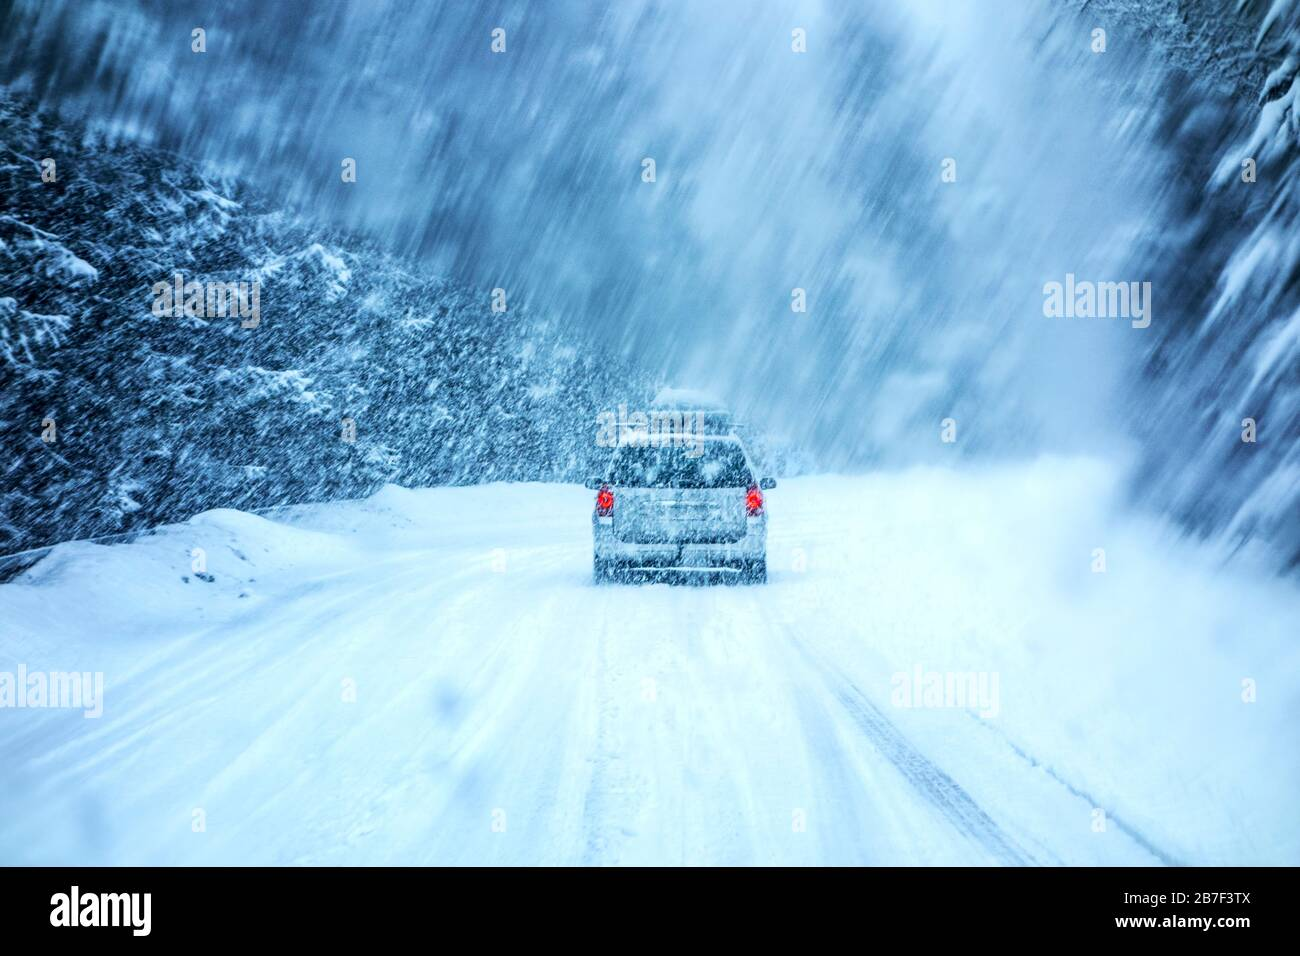 Conduite en voiture pendant la tempête de neige d'hiver à travers un pare-brise recouvert de flocons de neige flous. Banque D'Images